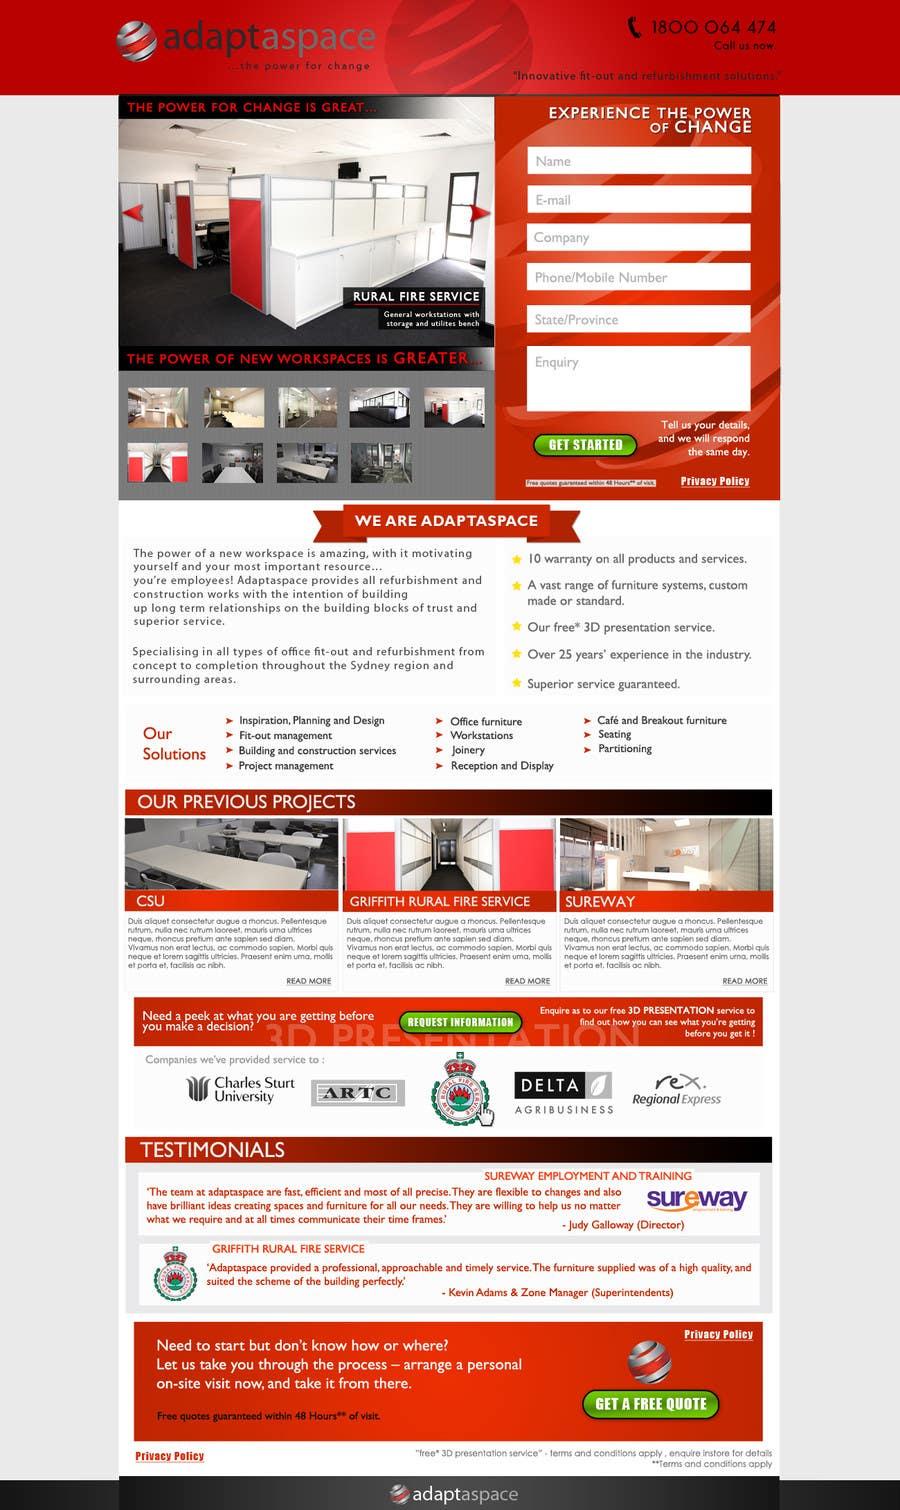 Konkurrenceindlæg #                                        31                                      for                                         Graphic Design for Landing Page